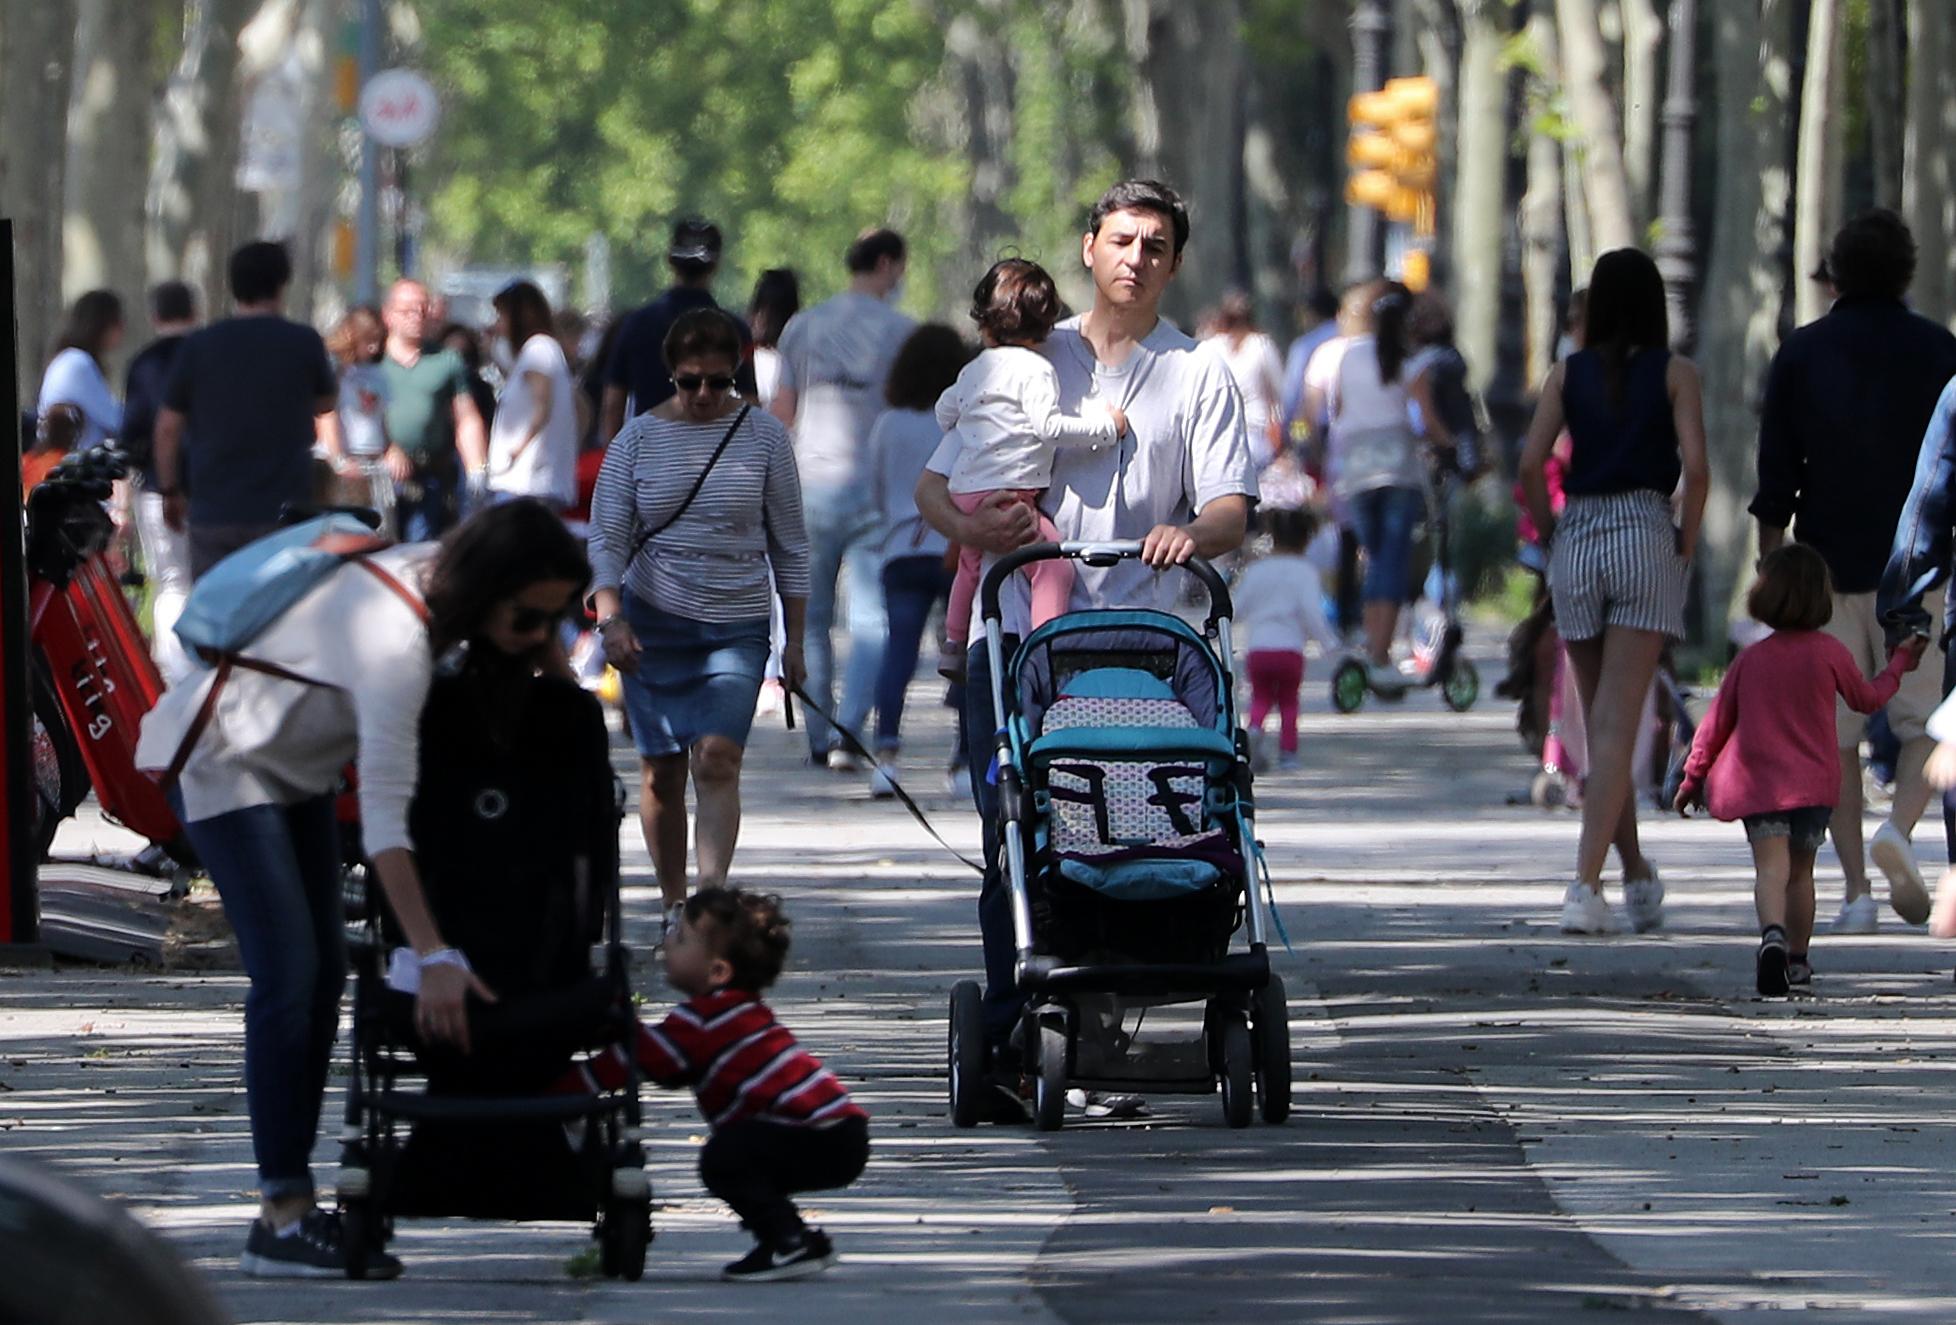 Még mindig nincs elég nevelőszülő, több mint 20 ezer gyerek él állami gondozásban